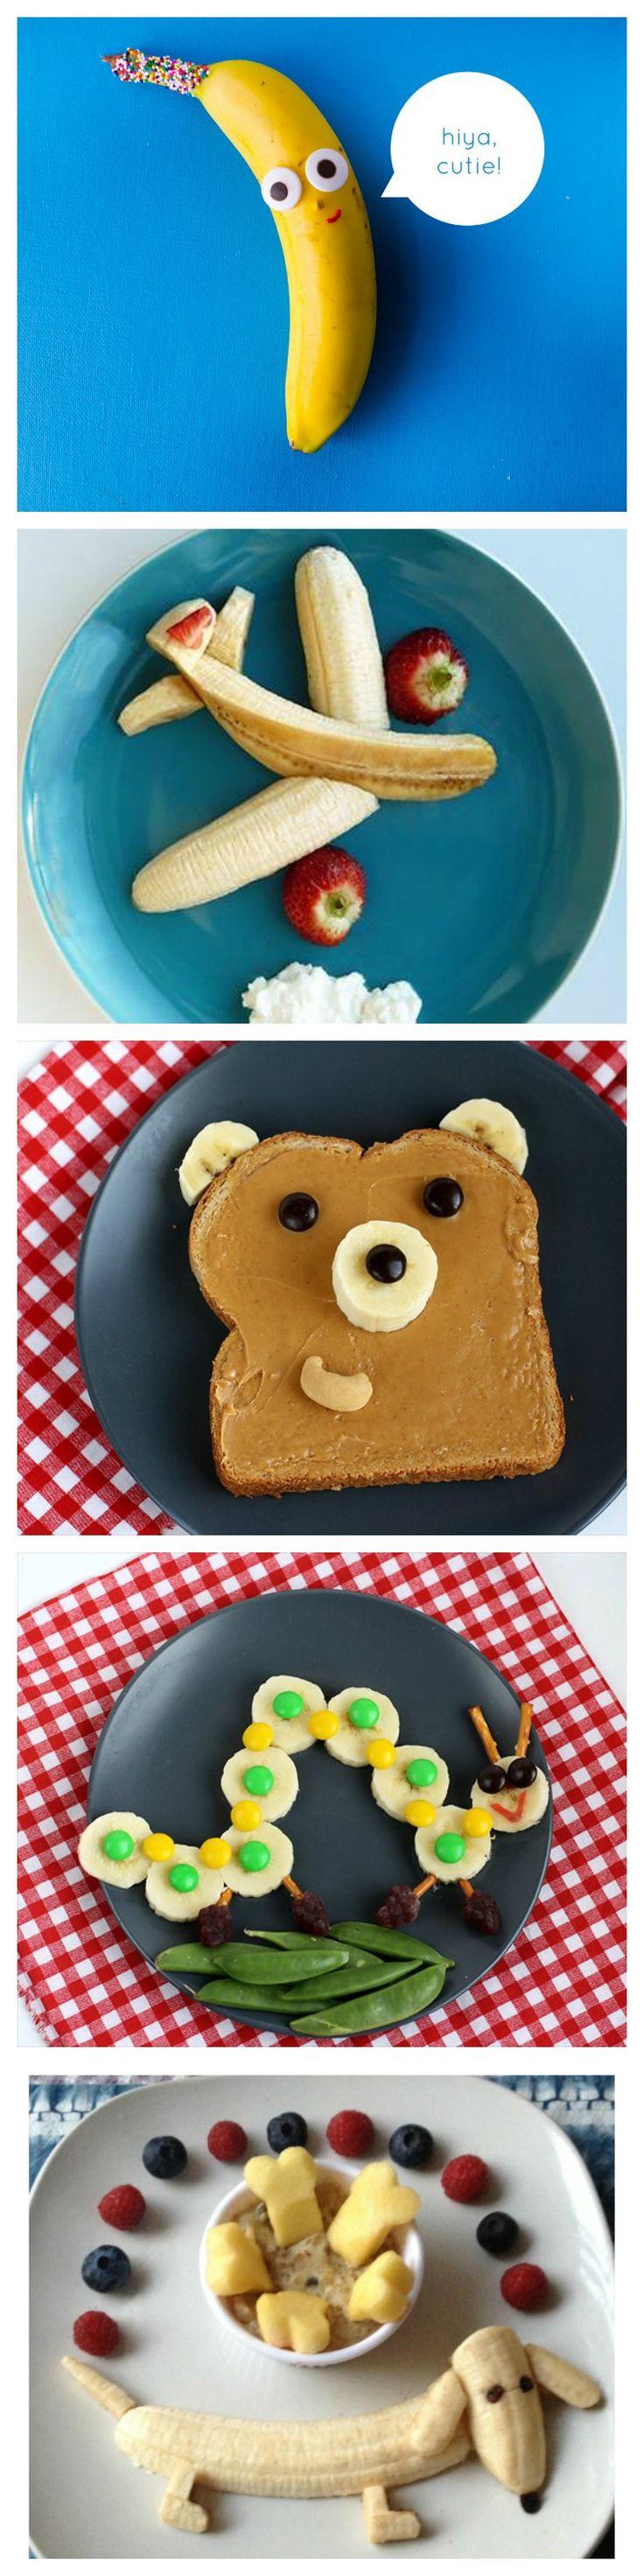 Süße Frühstücks Ideen